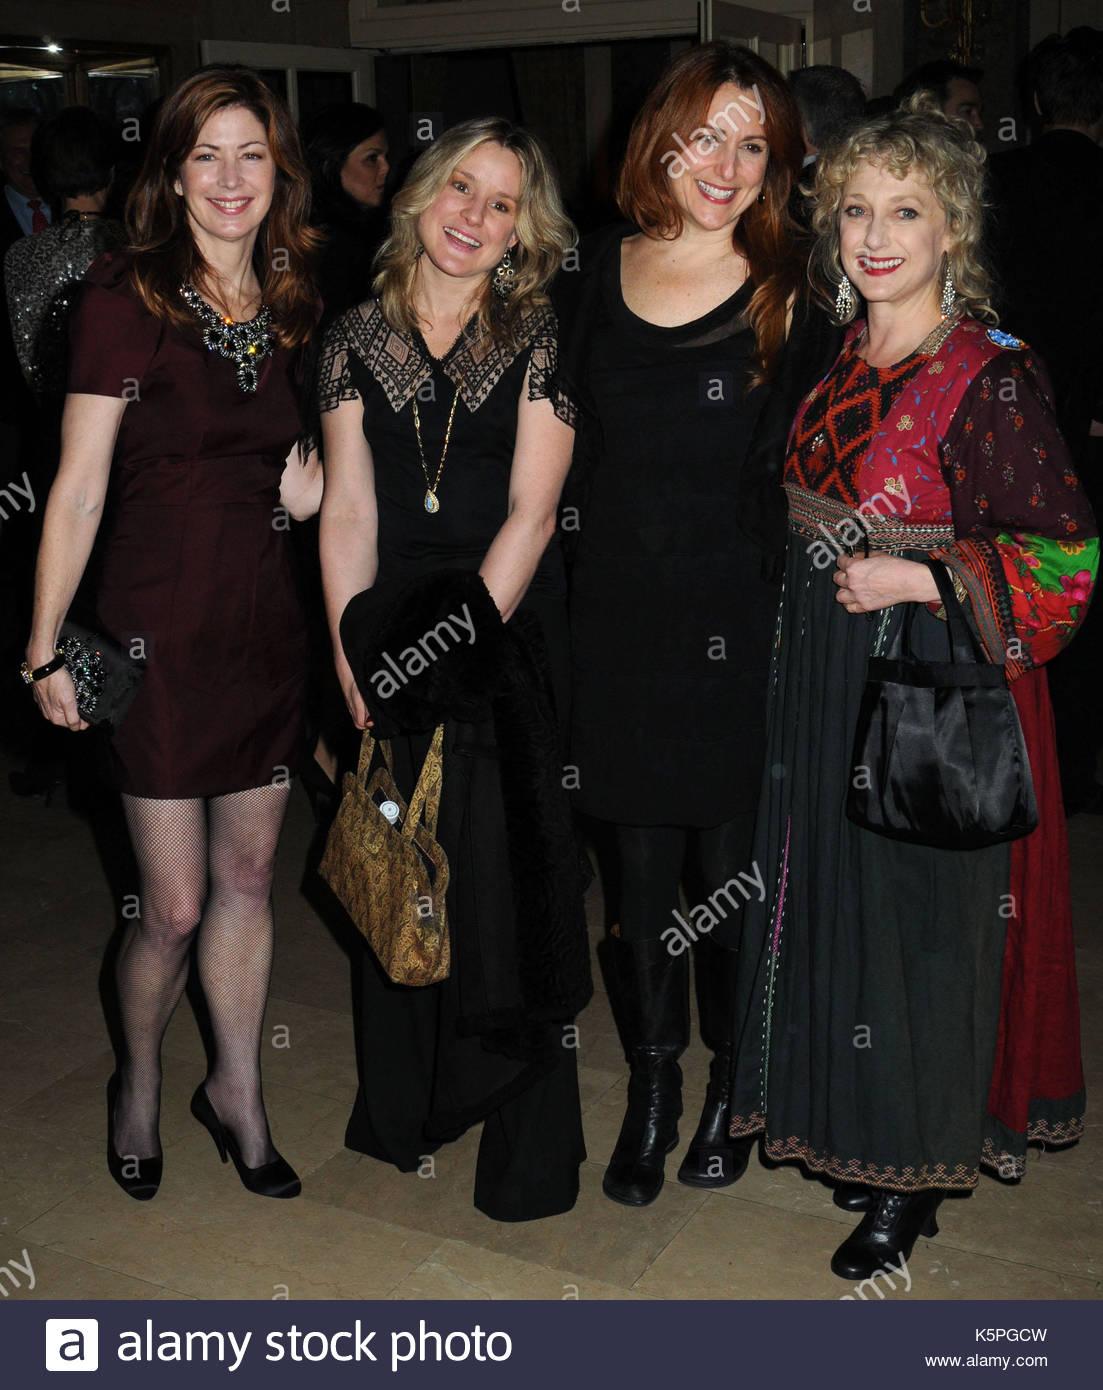 Bonnie Rotten,Susan Harrison Adult fotos Melissa Altro,Claire Cox